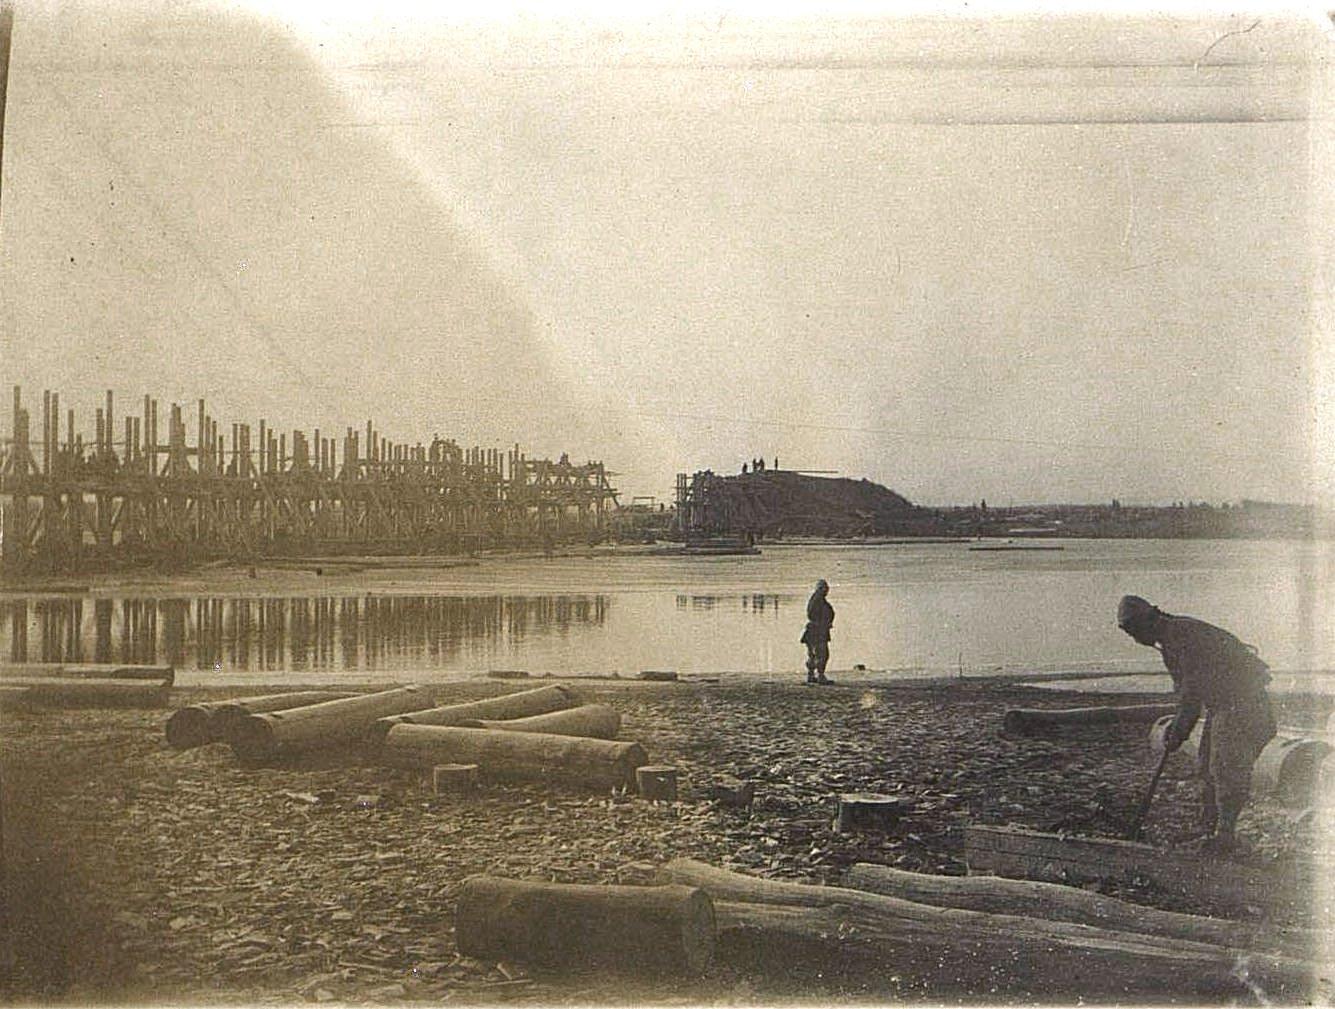 05. Постройка железнодорожного моста через реку Ля-Лин-Хэ. Ноябрь 1900